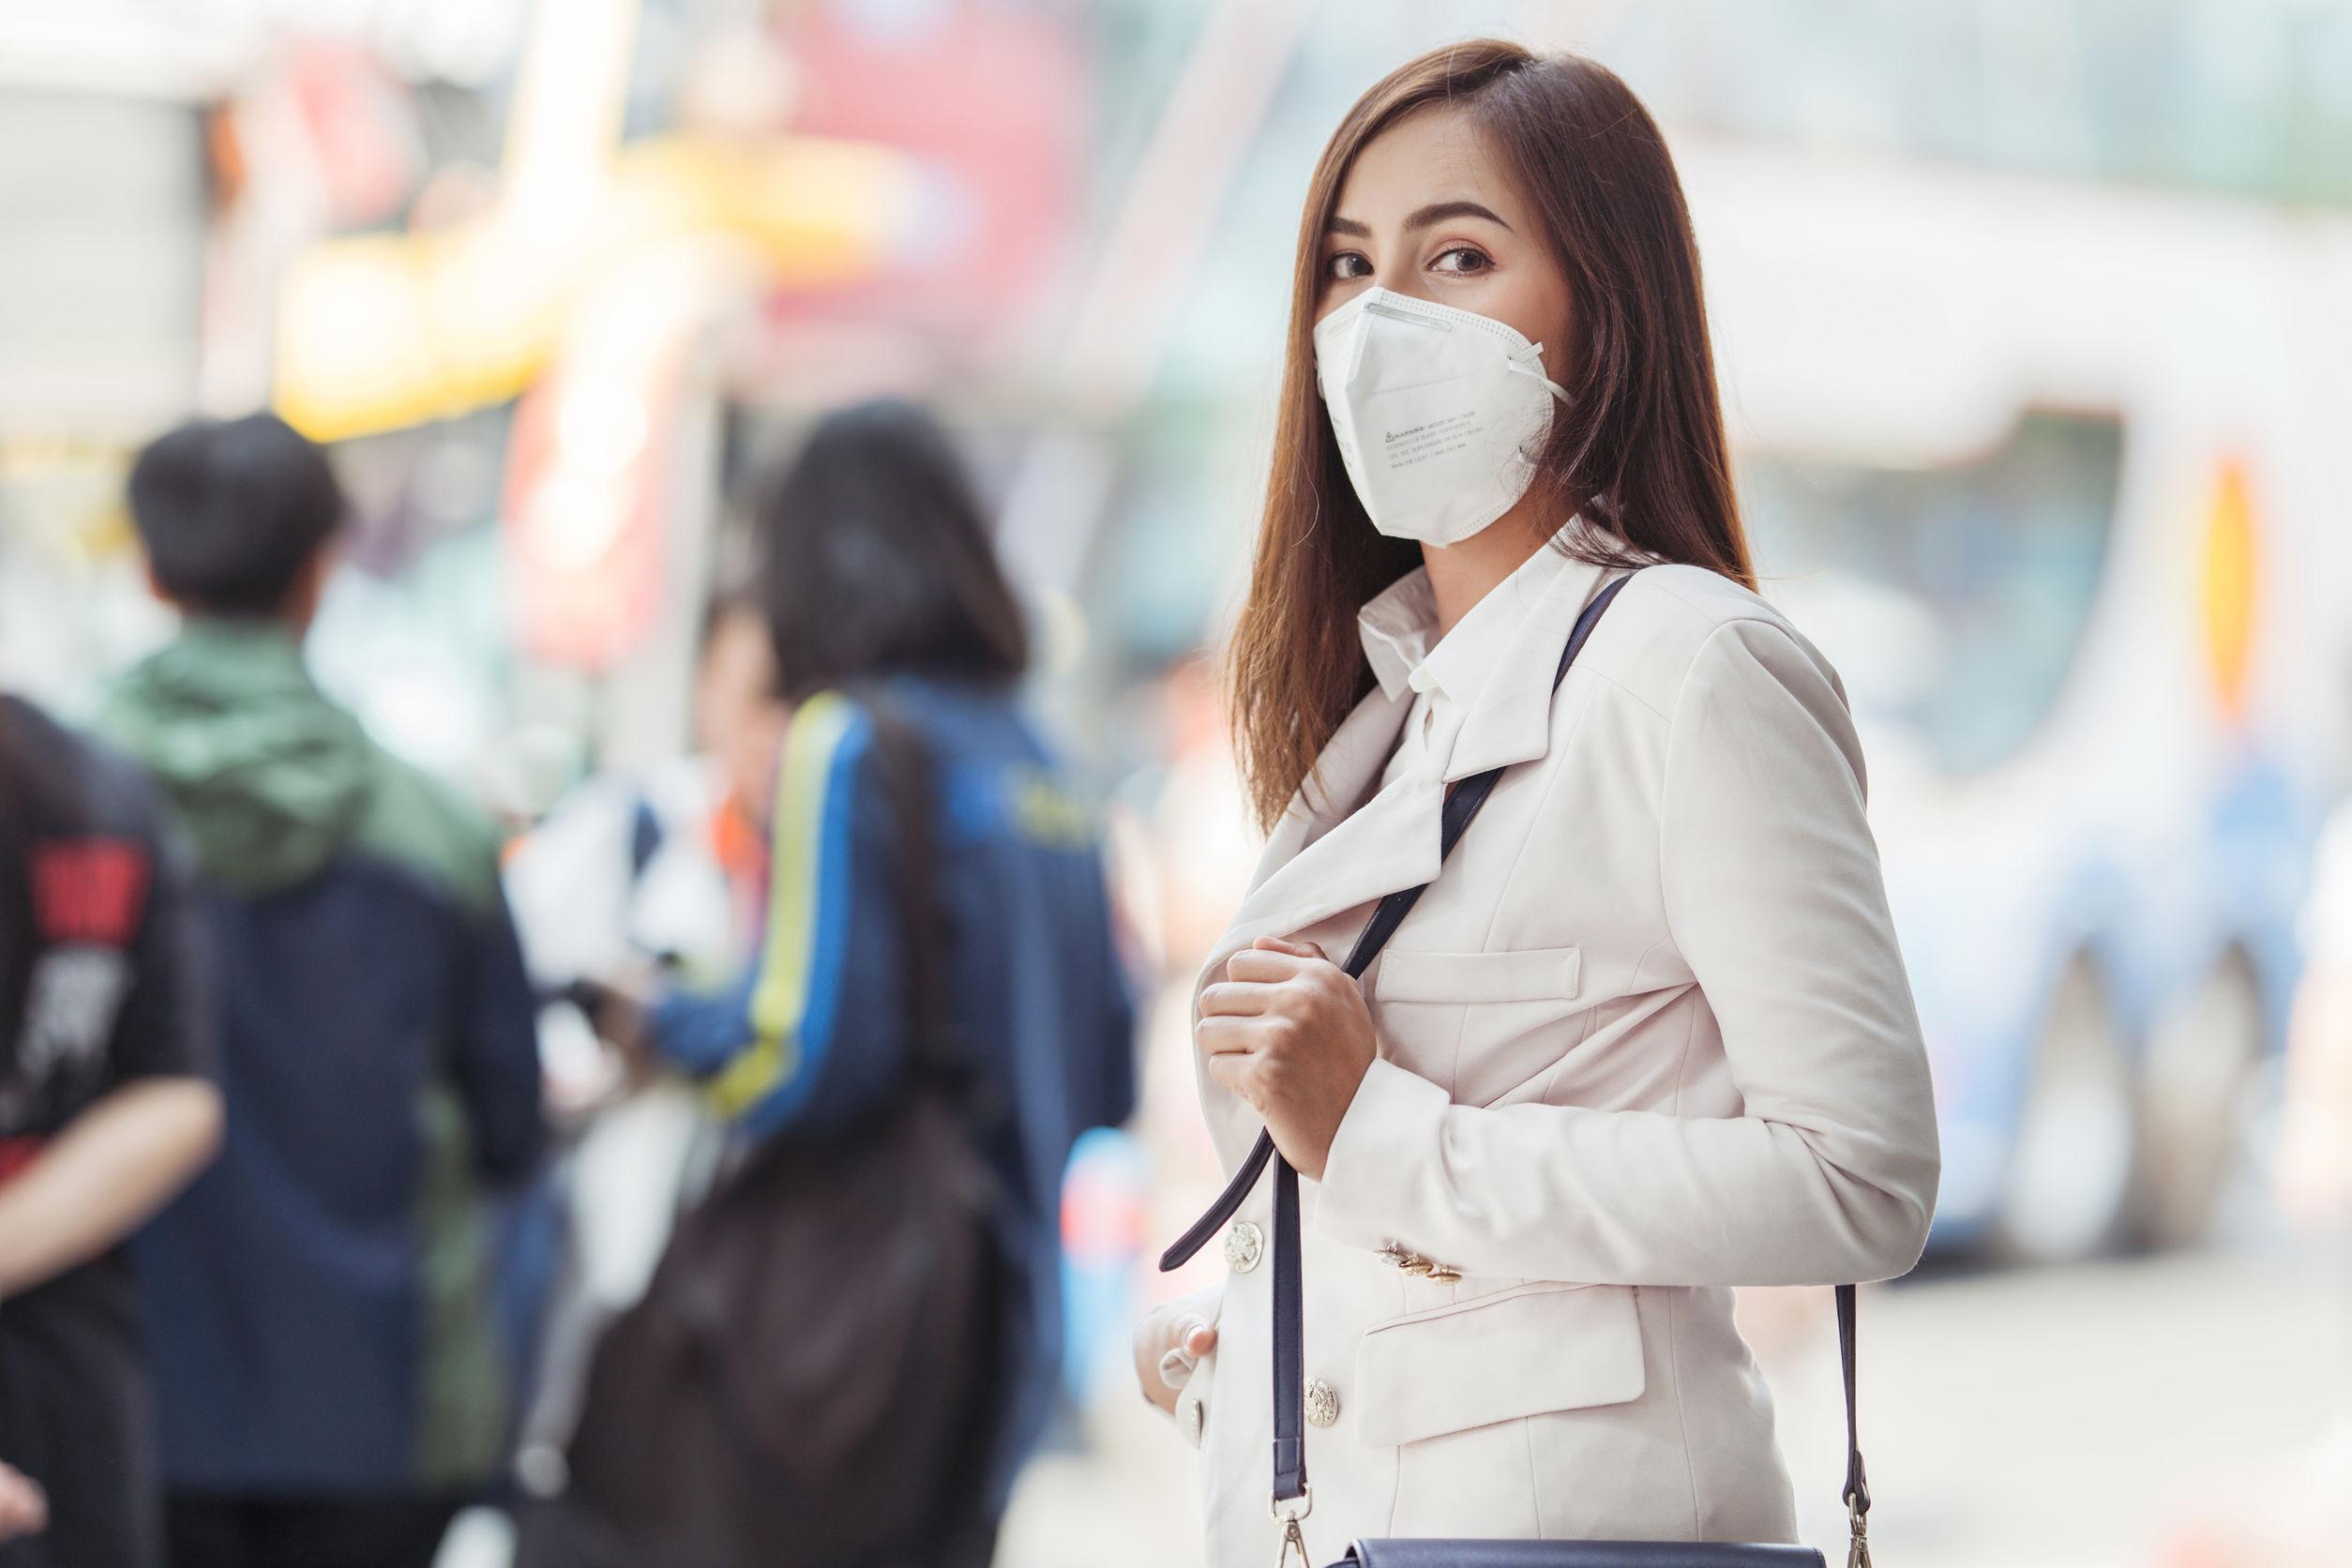 Una mujer asiática va a trabajar lleva una máscara N95.